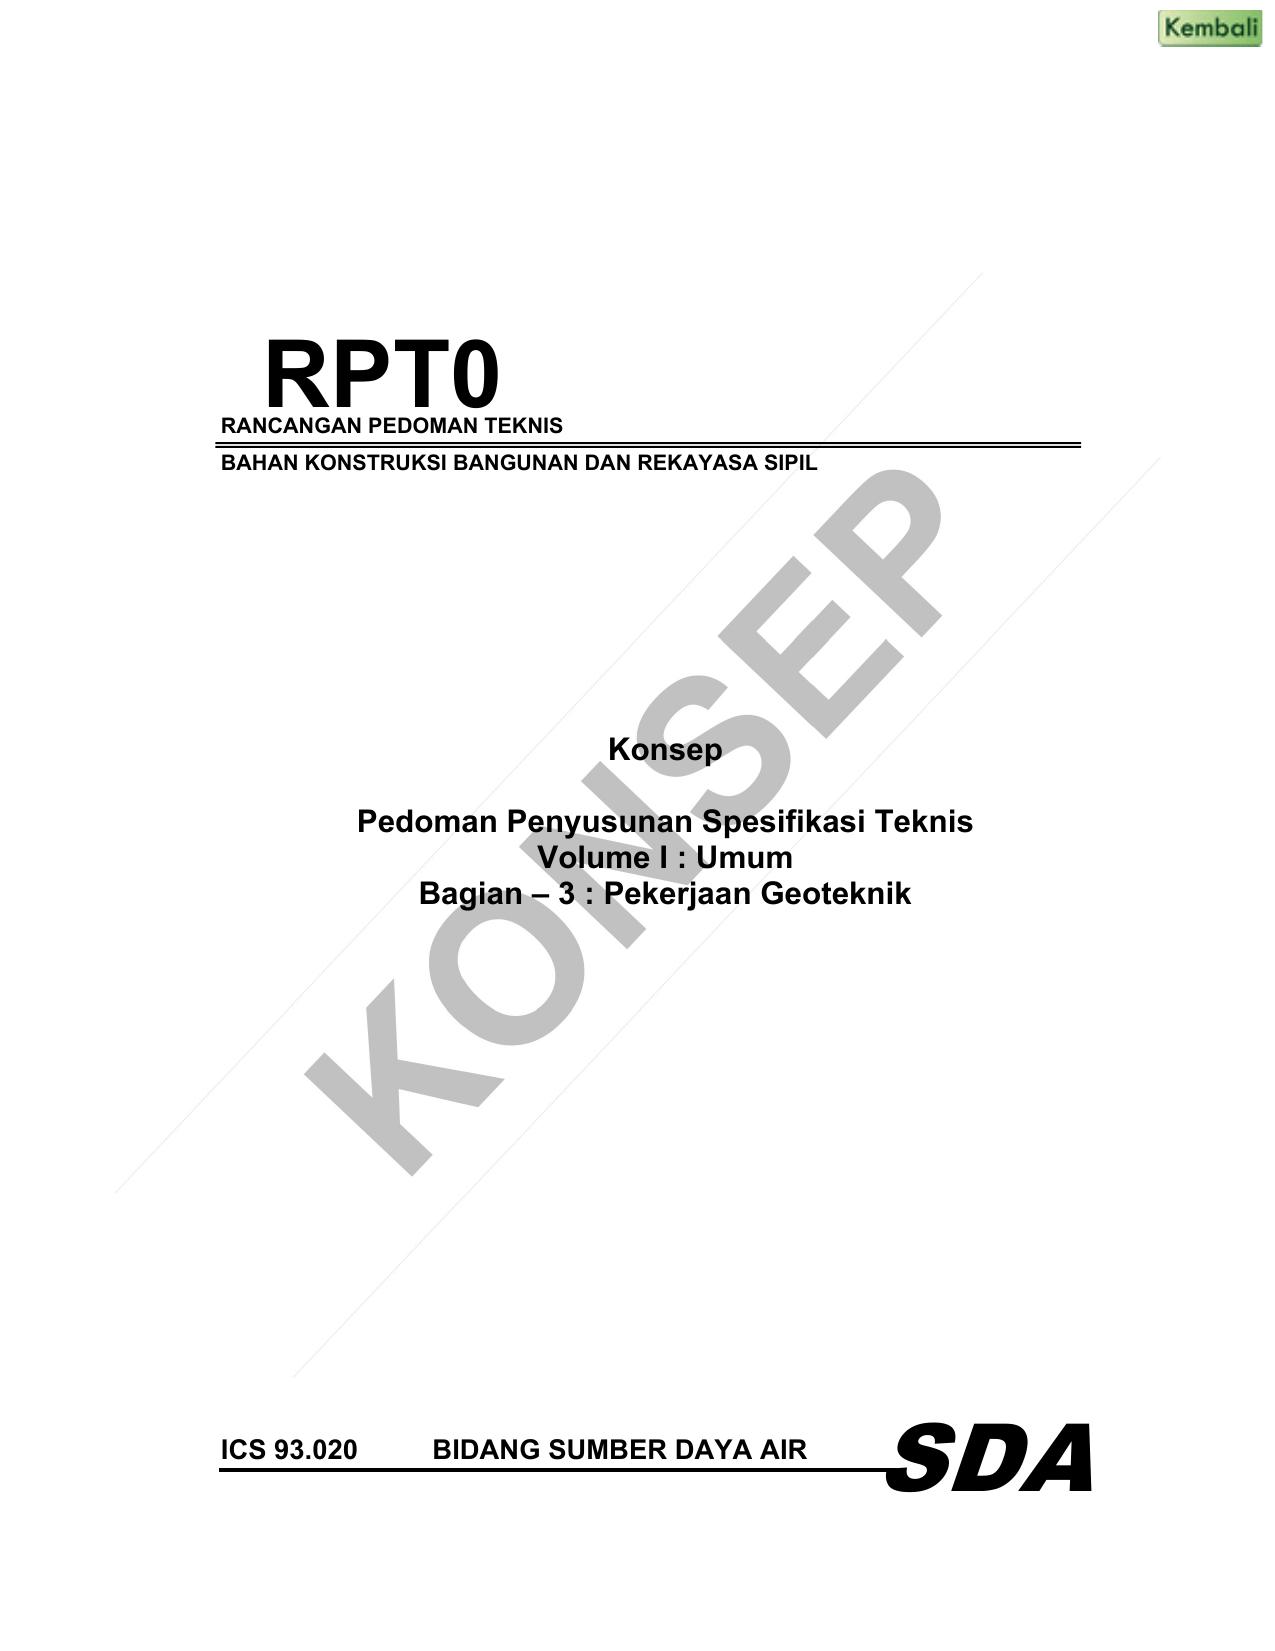 Konsep Pedoman Penyusunan Spesifikasi Teknis Volume I Umum